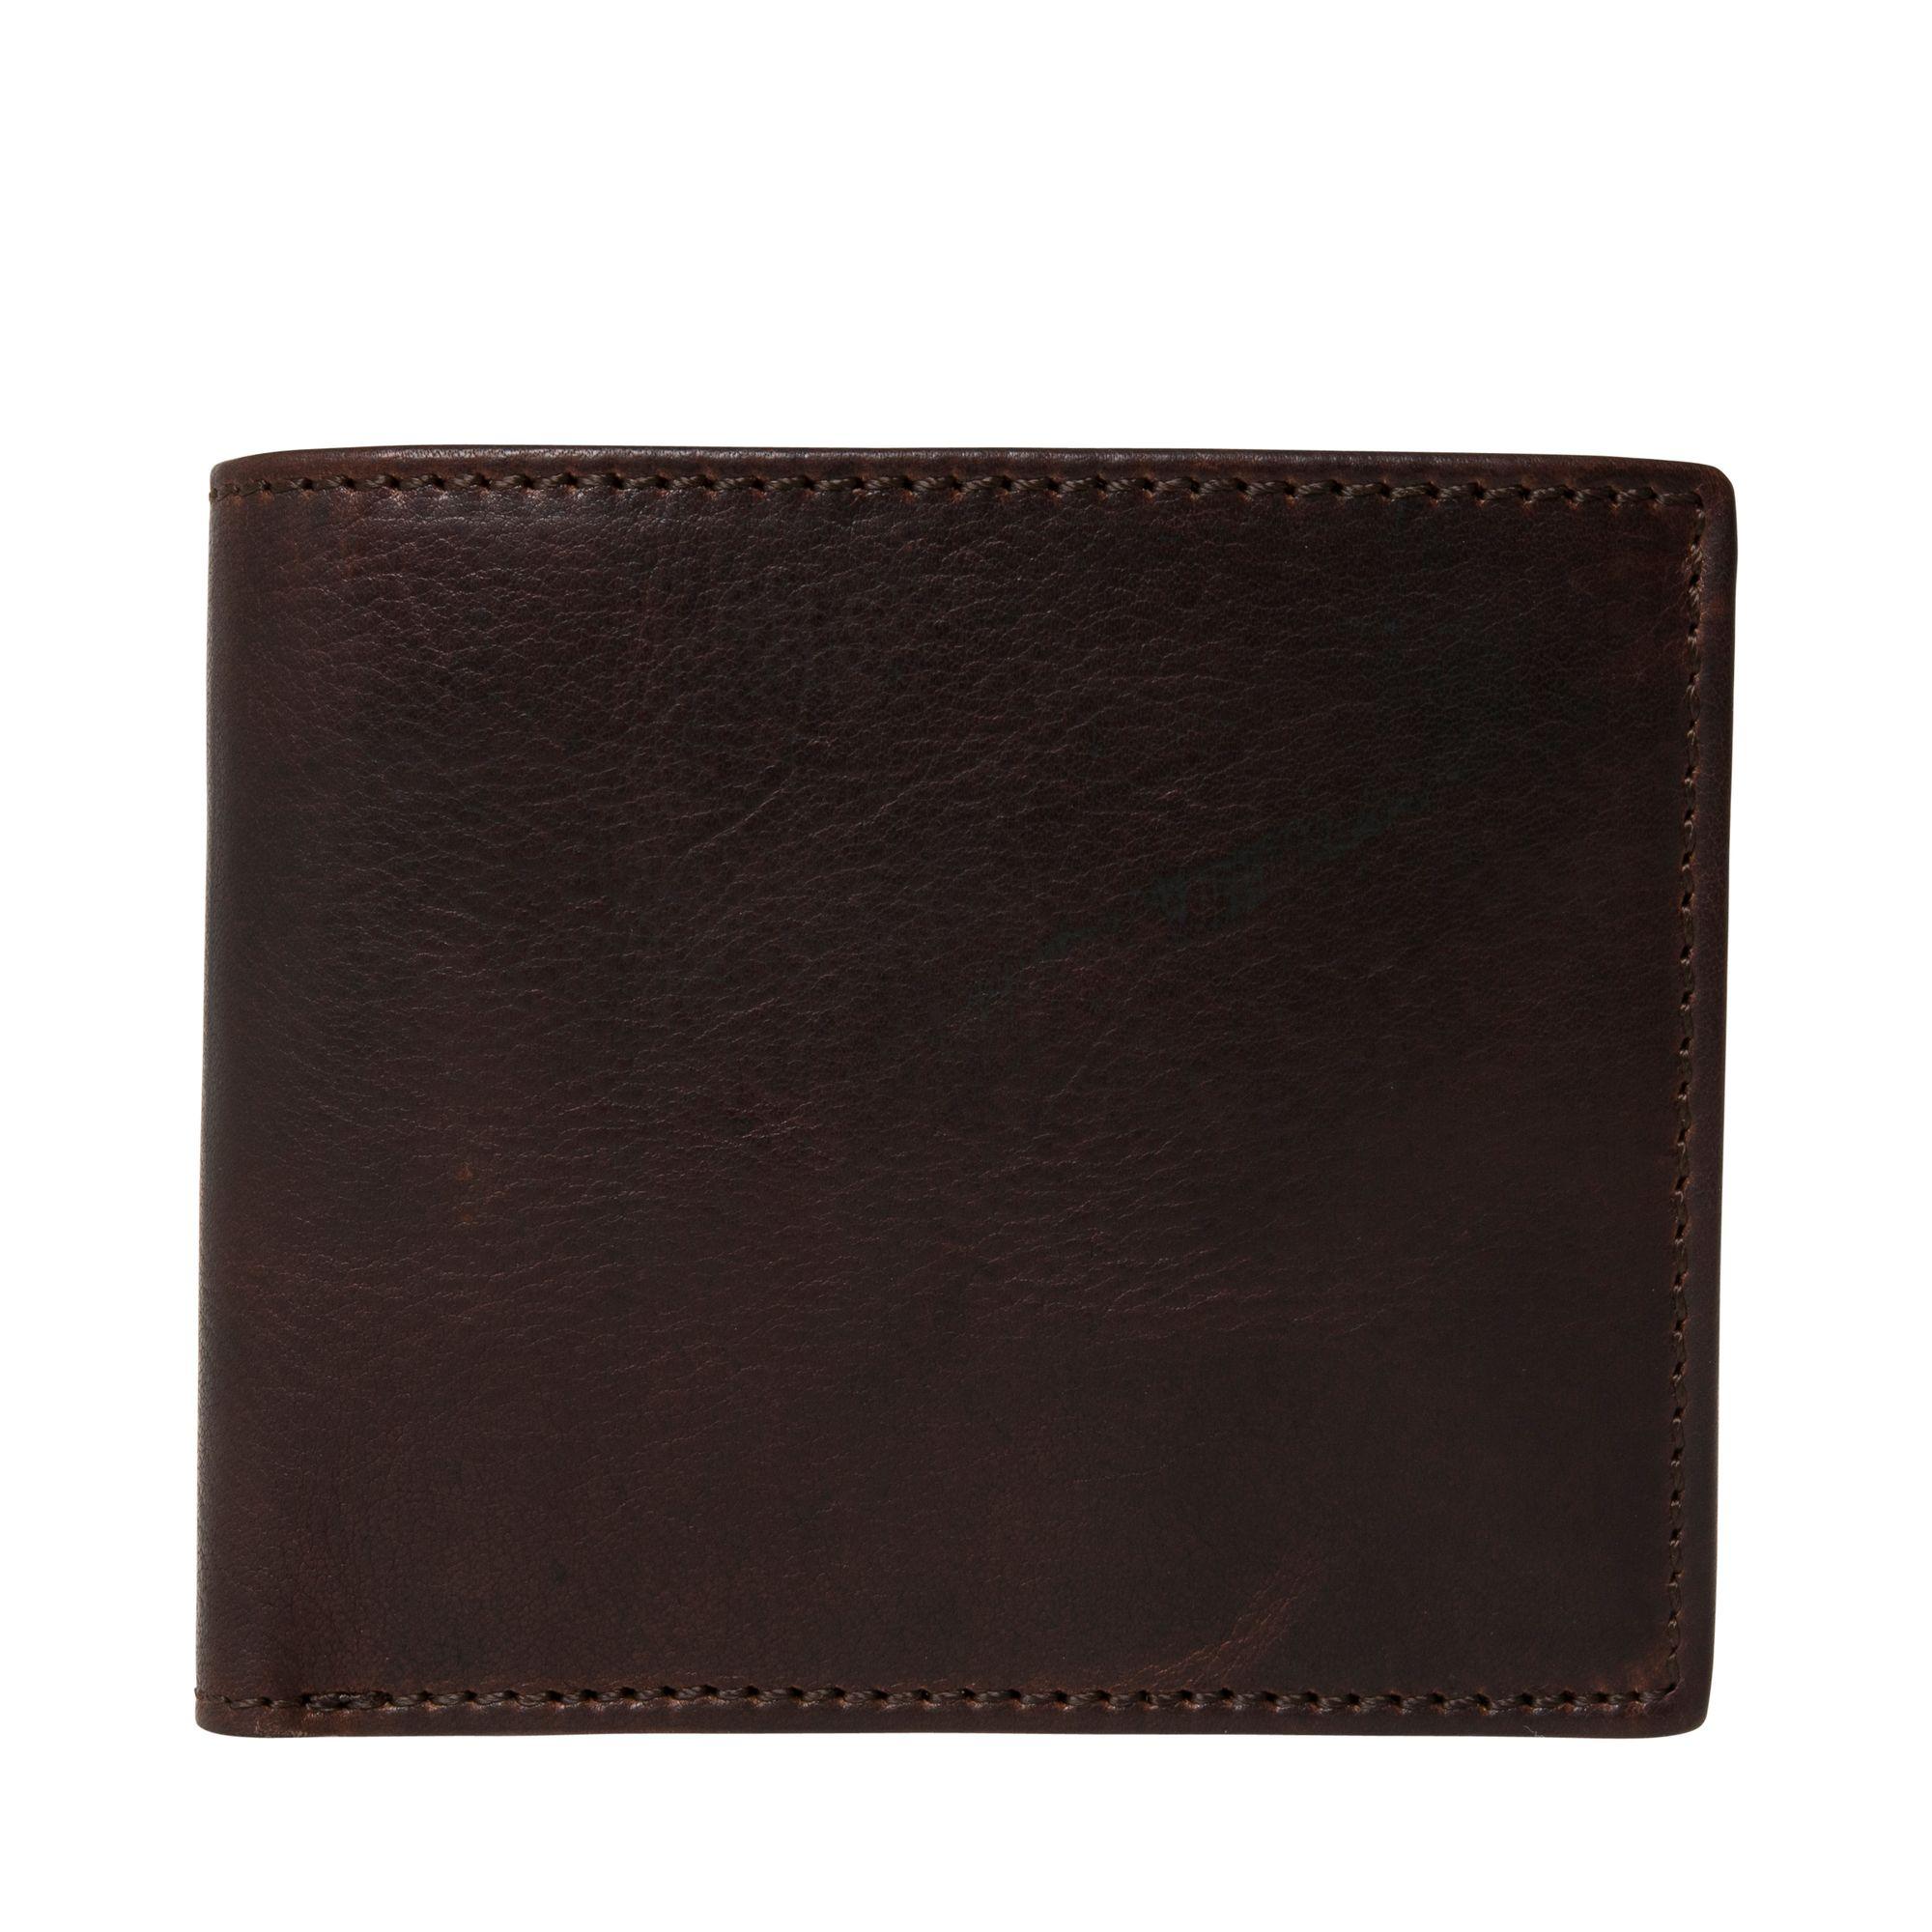 Leonhard Heyden Roma plånbok i skinn, Brun